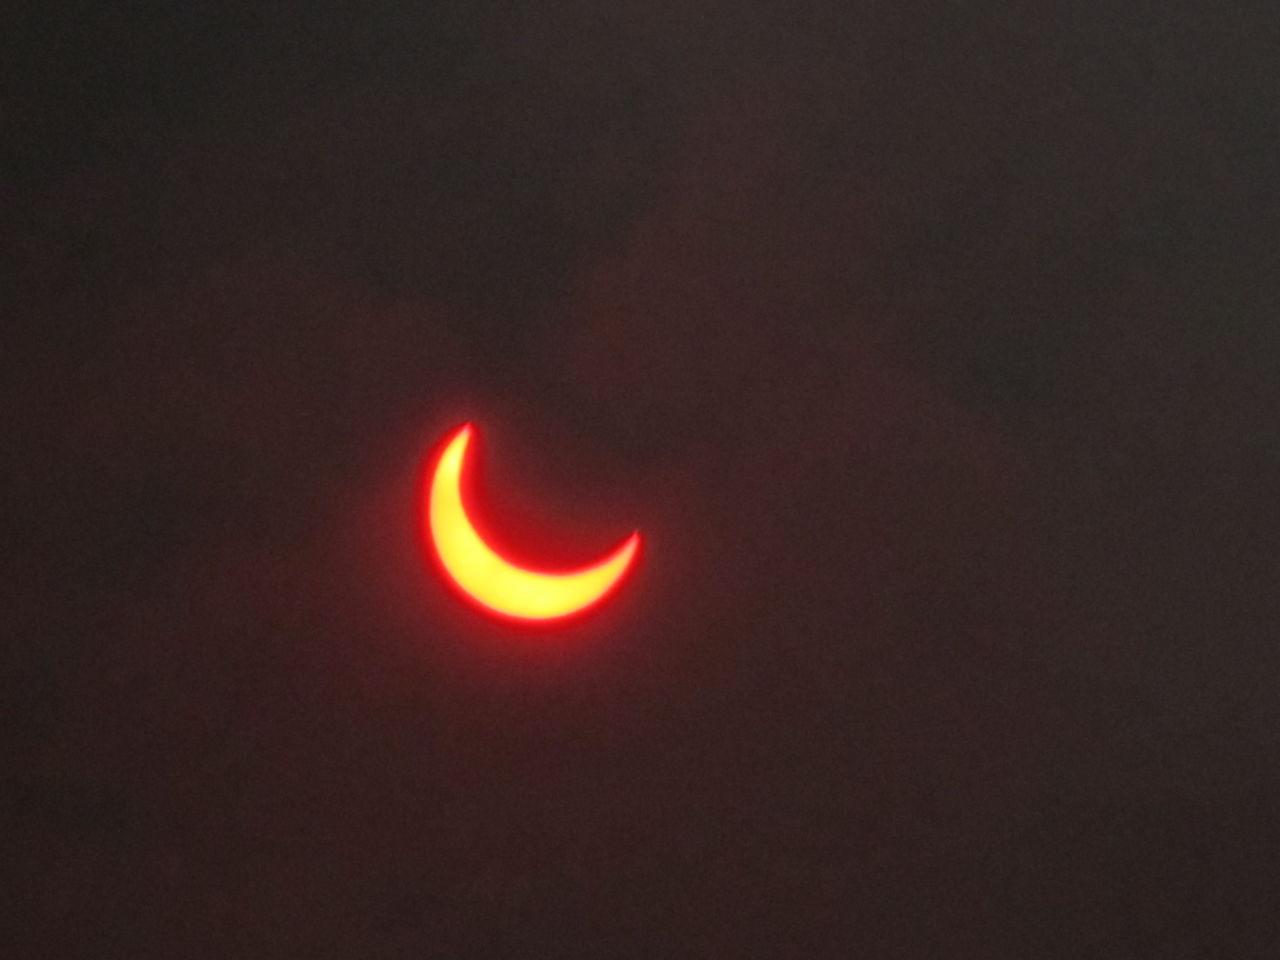 金環日食を撮ってみた